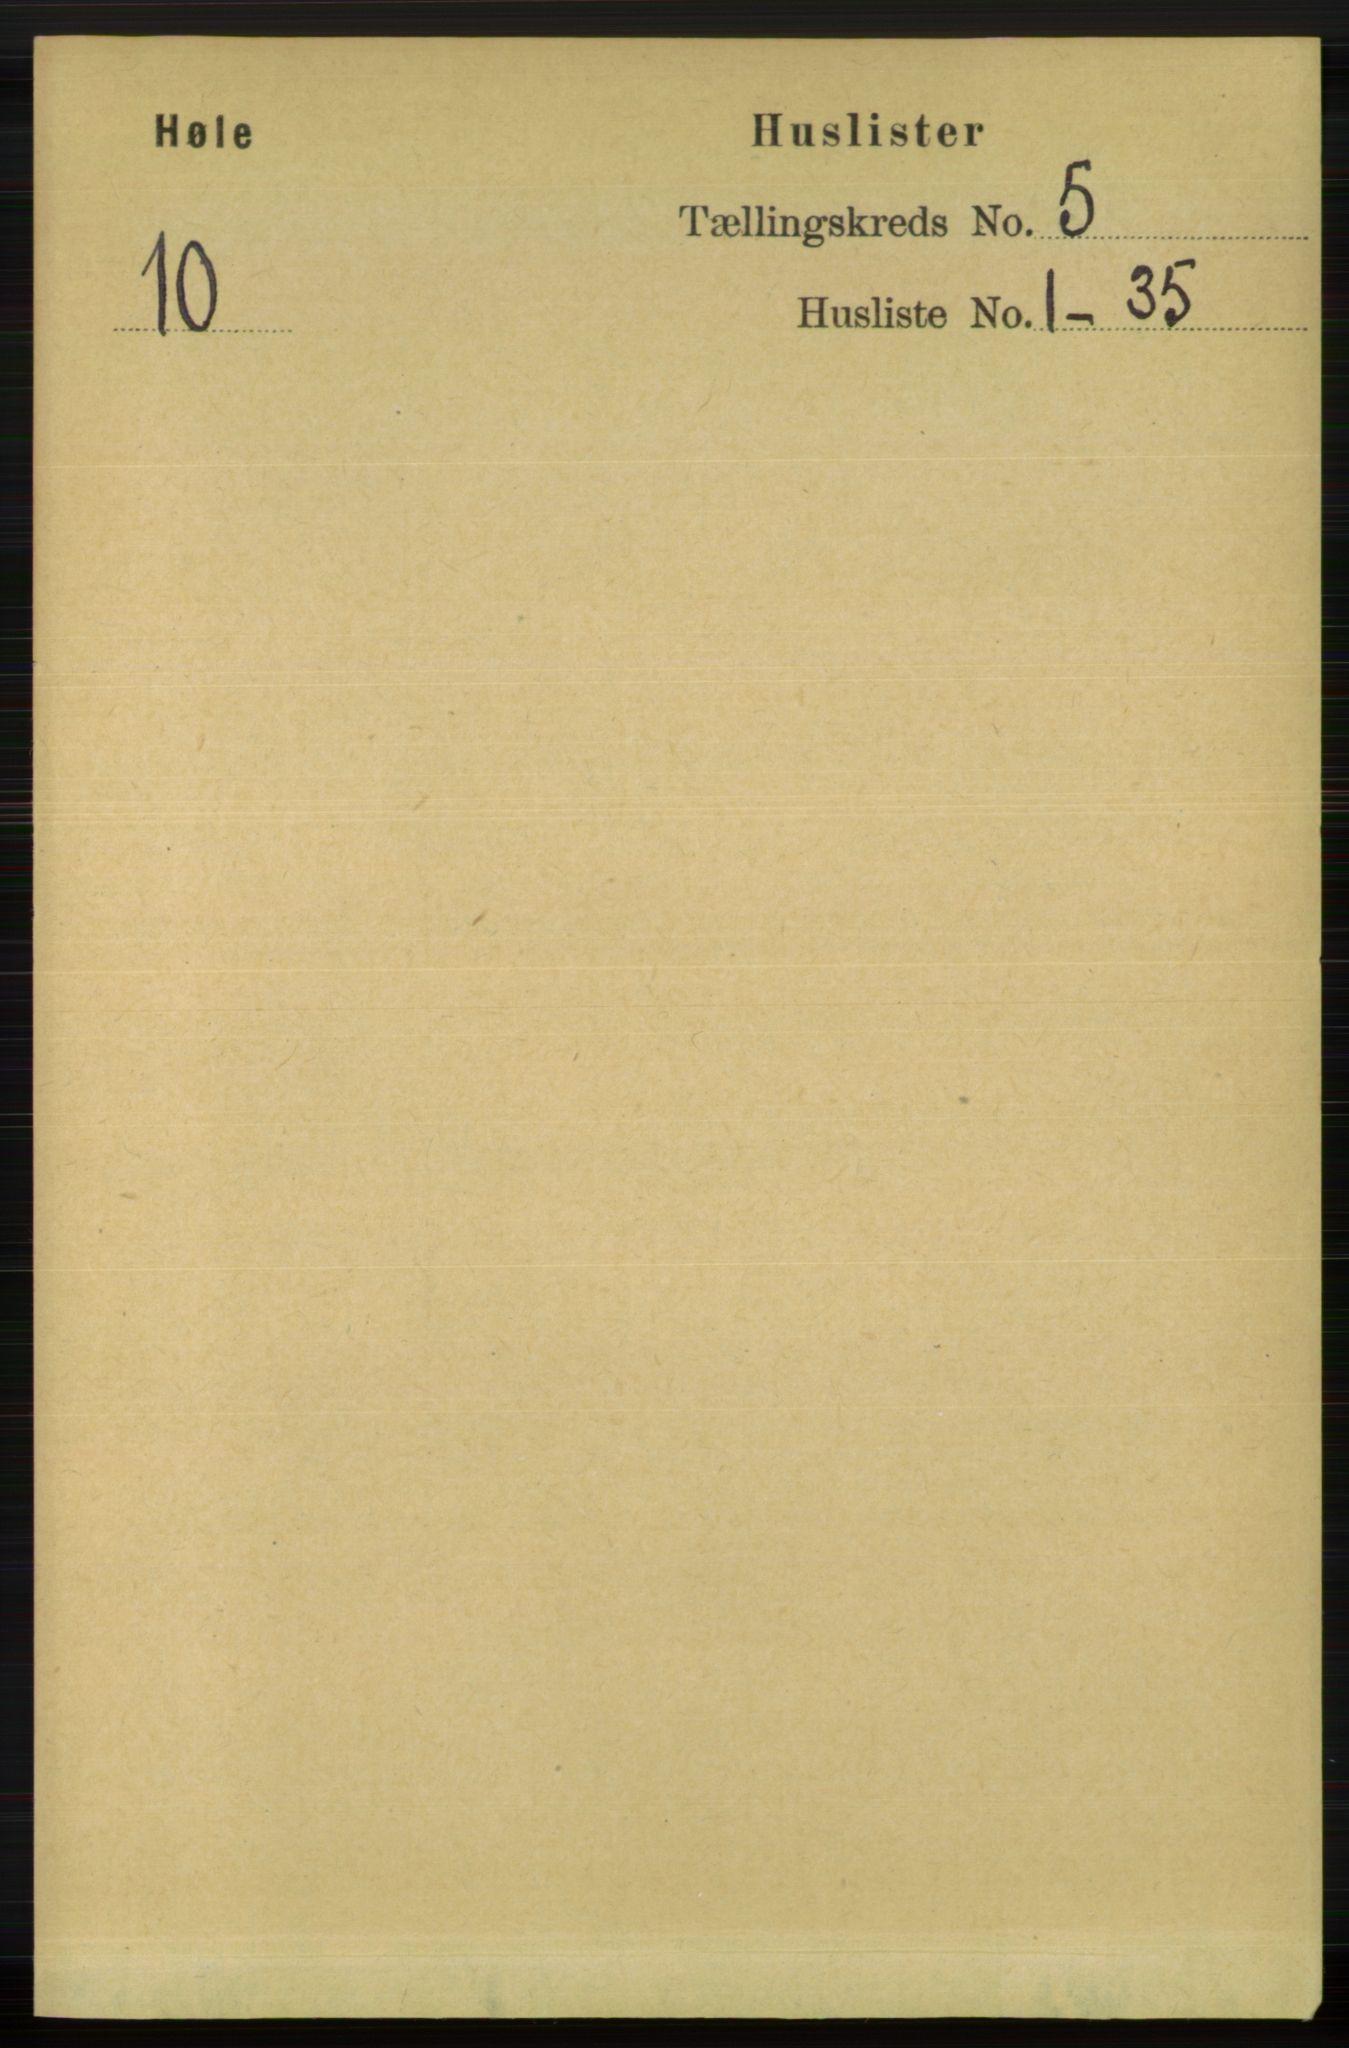 RA, Folketelling 1891 for 1128 Høle herred, 1891, s. 1014